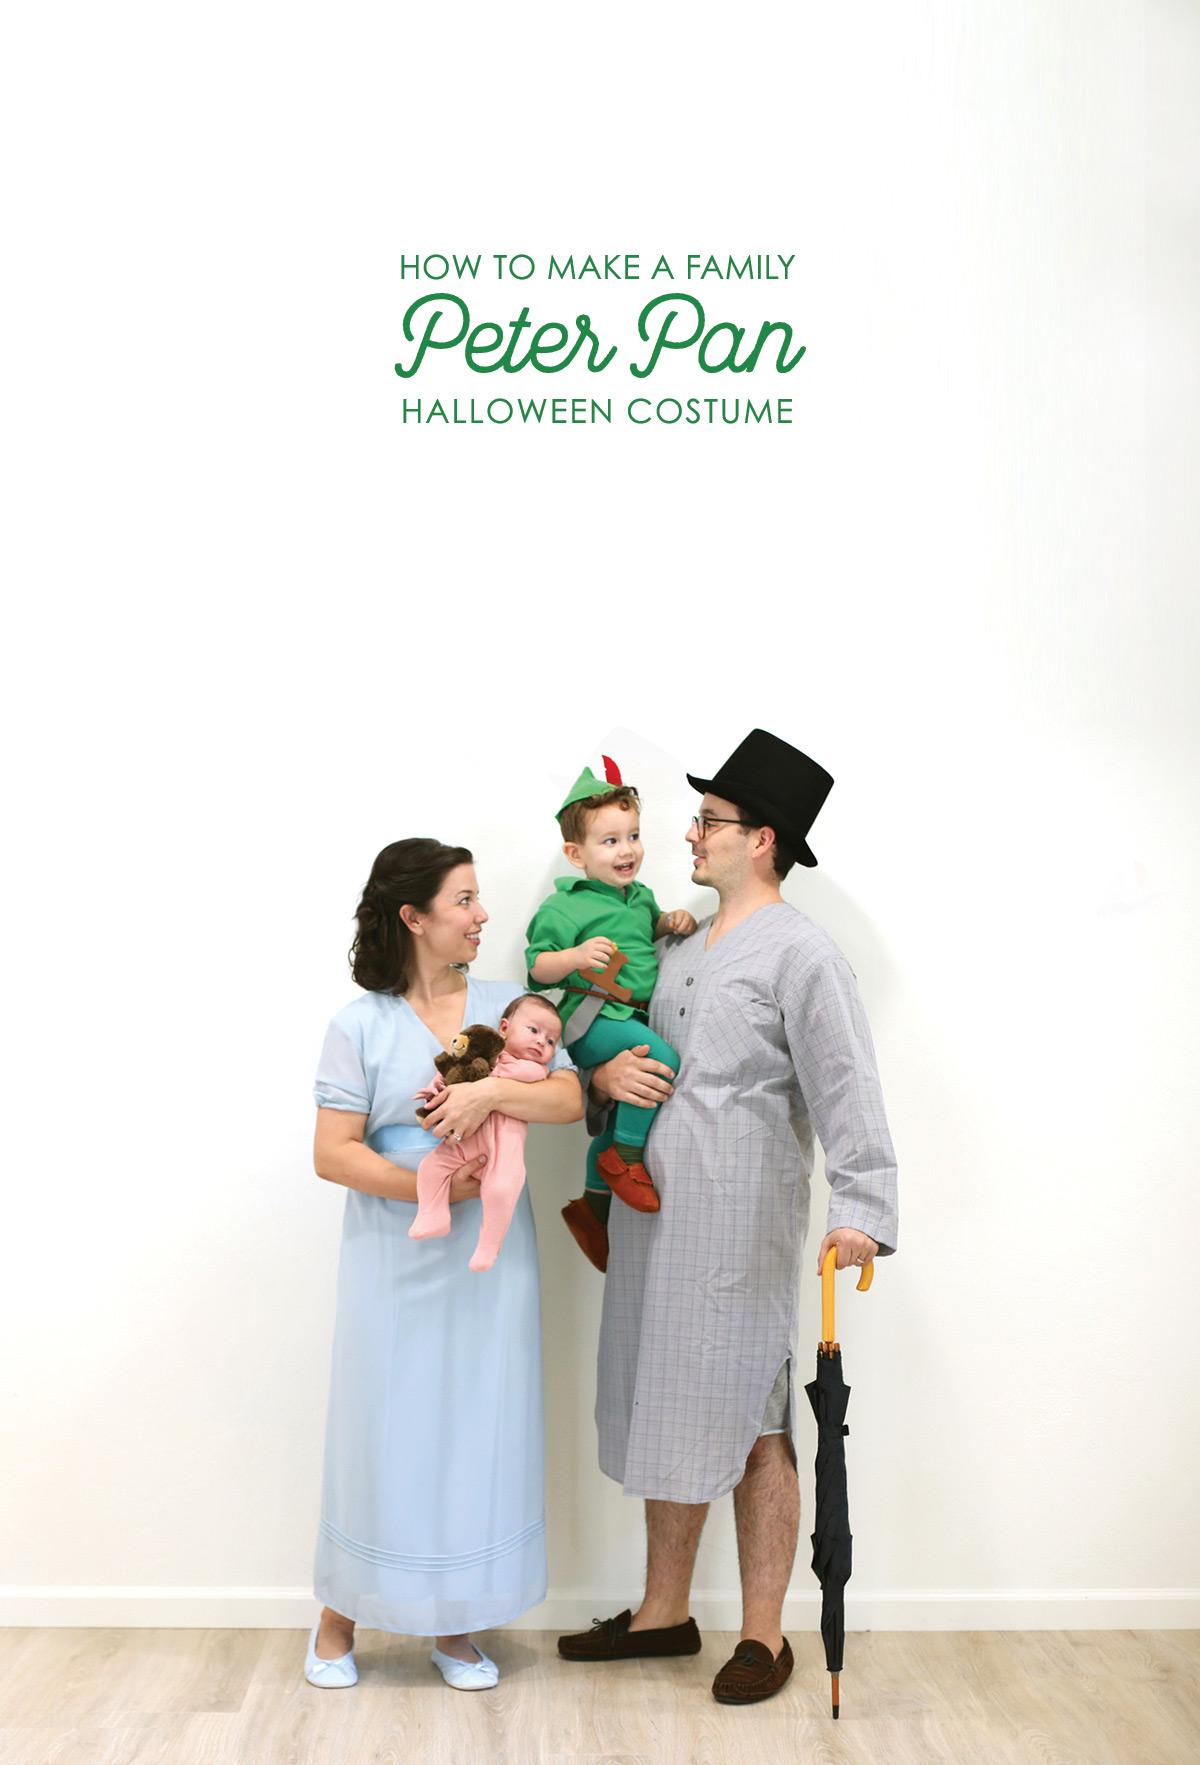 DIY Peter Pan characters' costumes